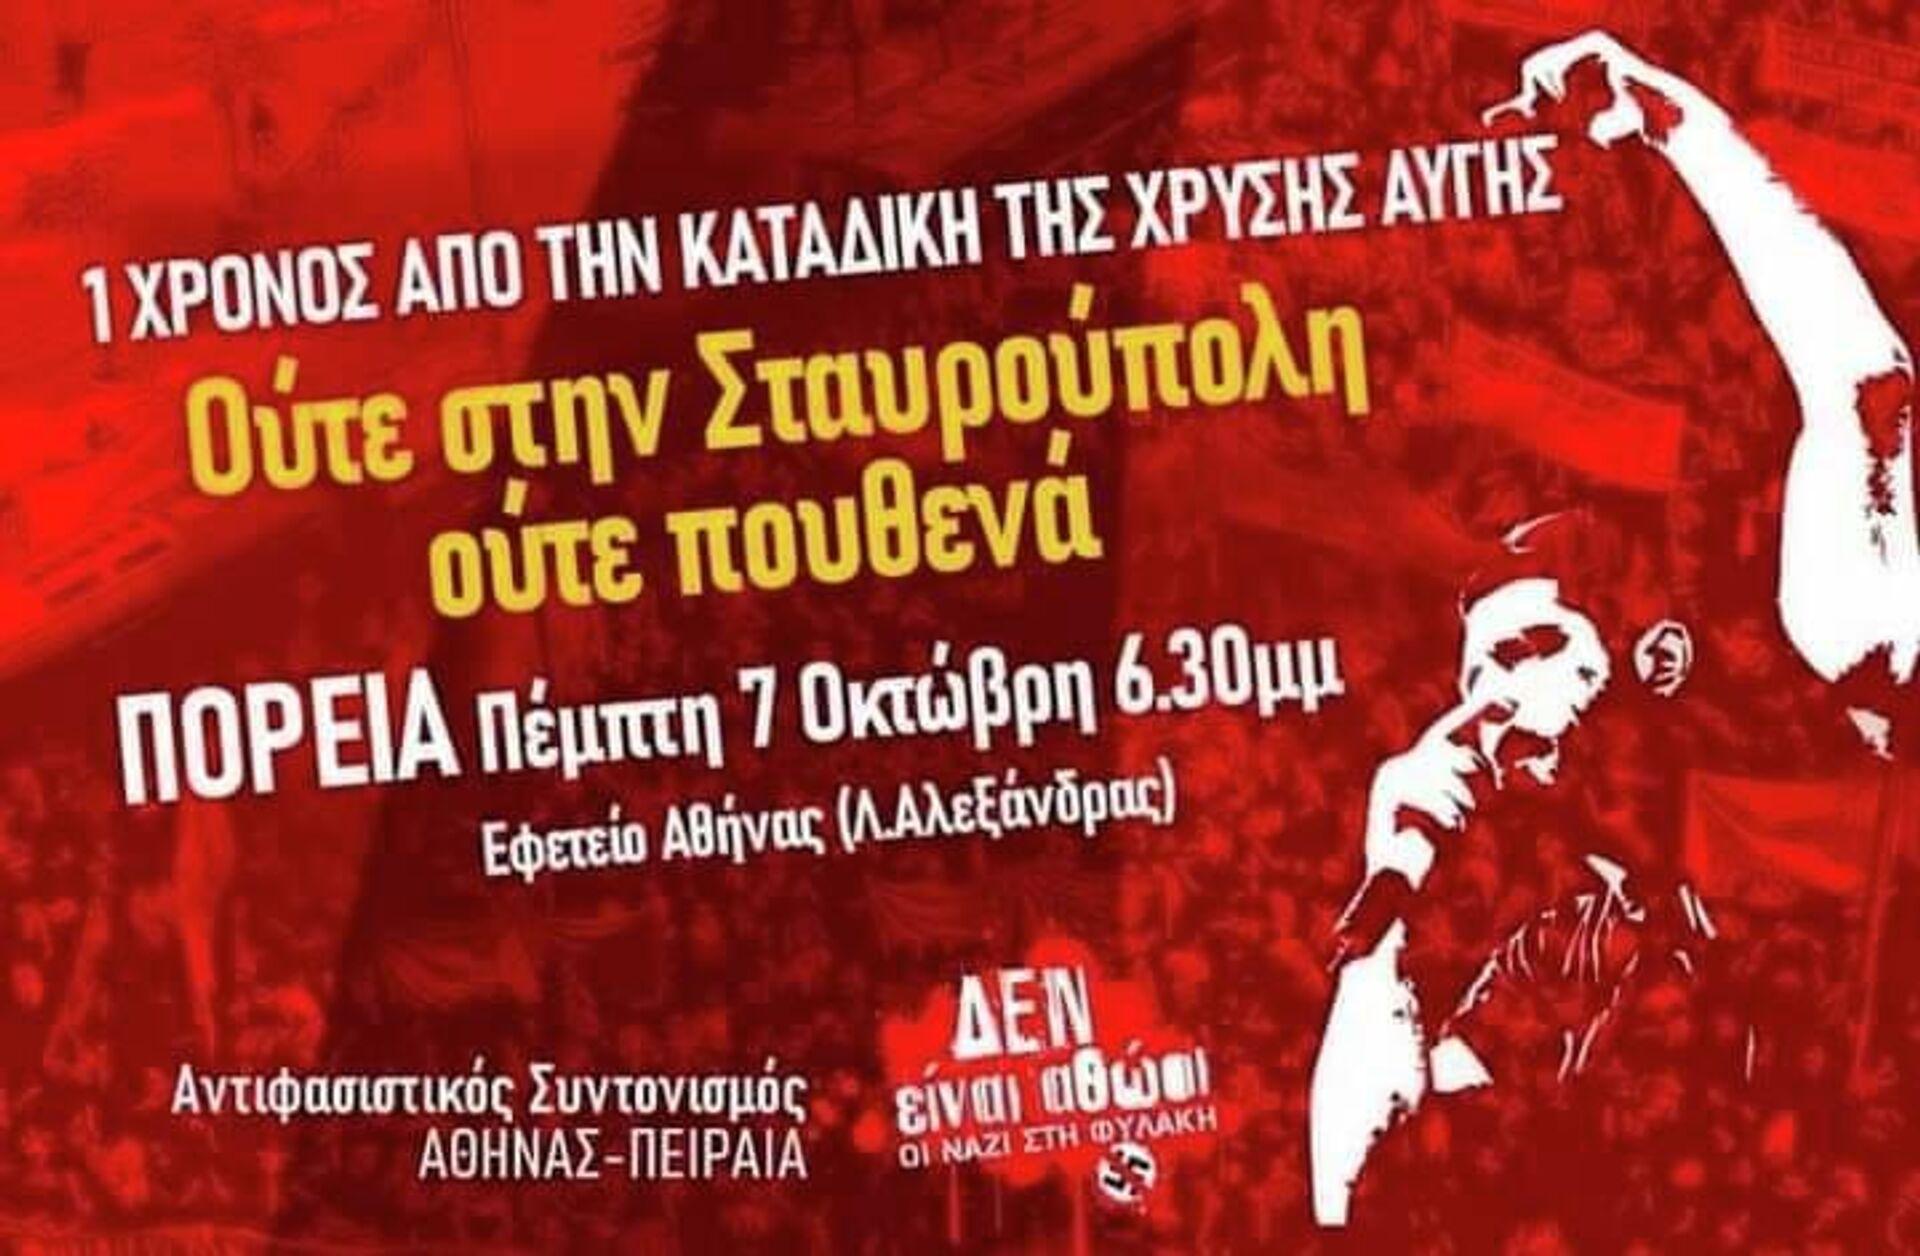 Αντιφασιστική πορεία ένα χρόνο μετά την καταδίκη της Χρυσής Αυγής - Sputnik Ελλάδα, 1920, 06.10.2021